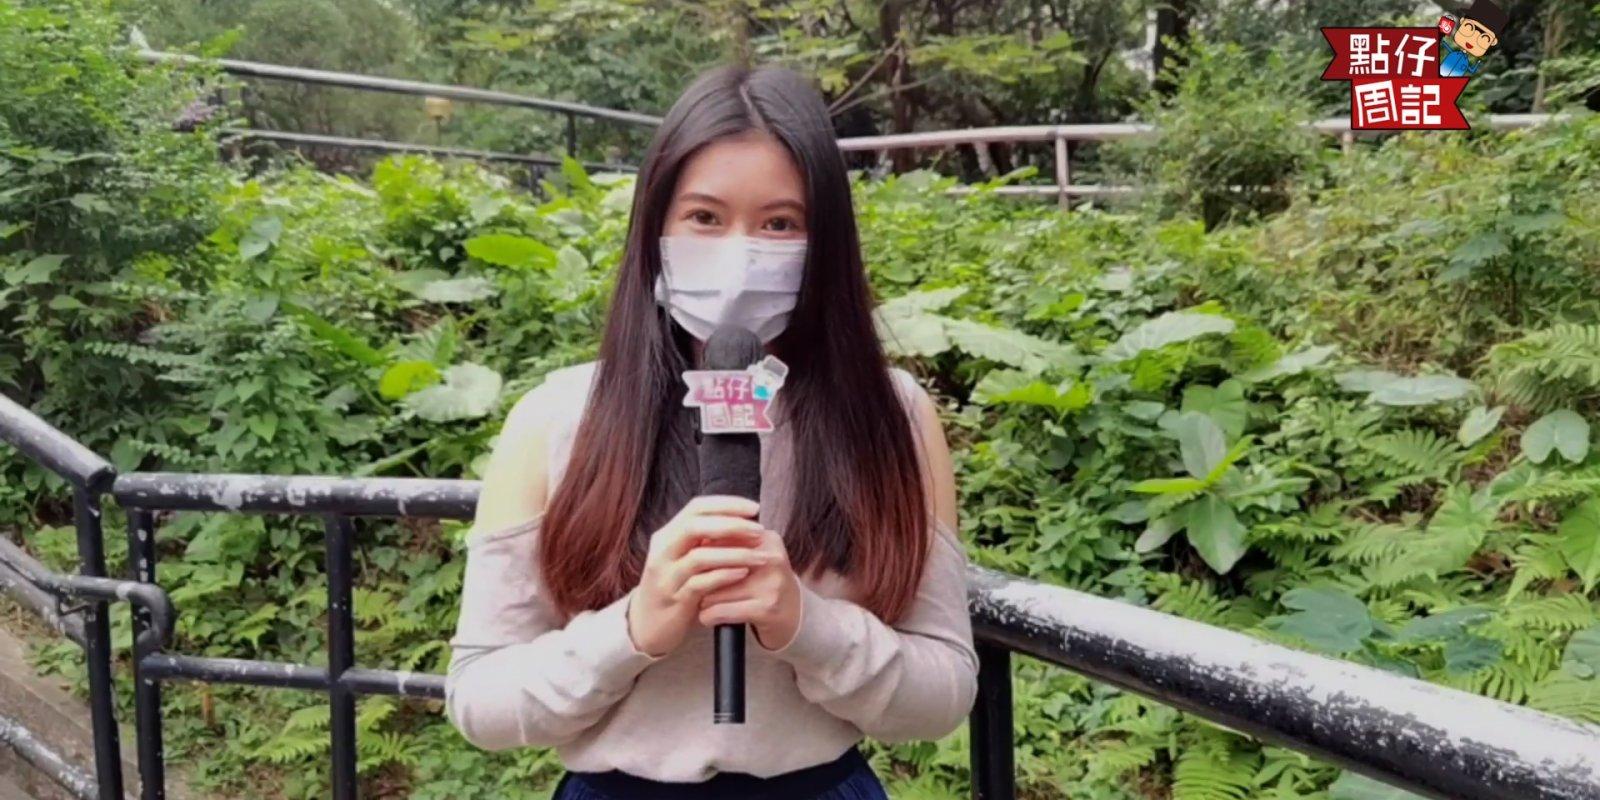 【#點仔周記】抗疫「清零」市民需配合  莫綺琪:政府措施應強硬果斷